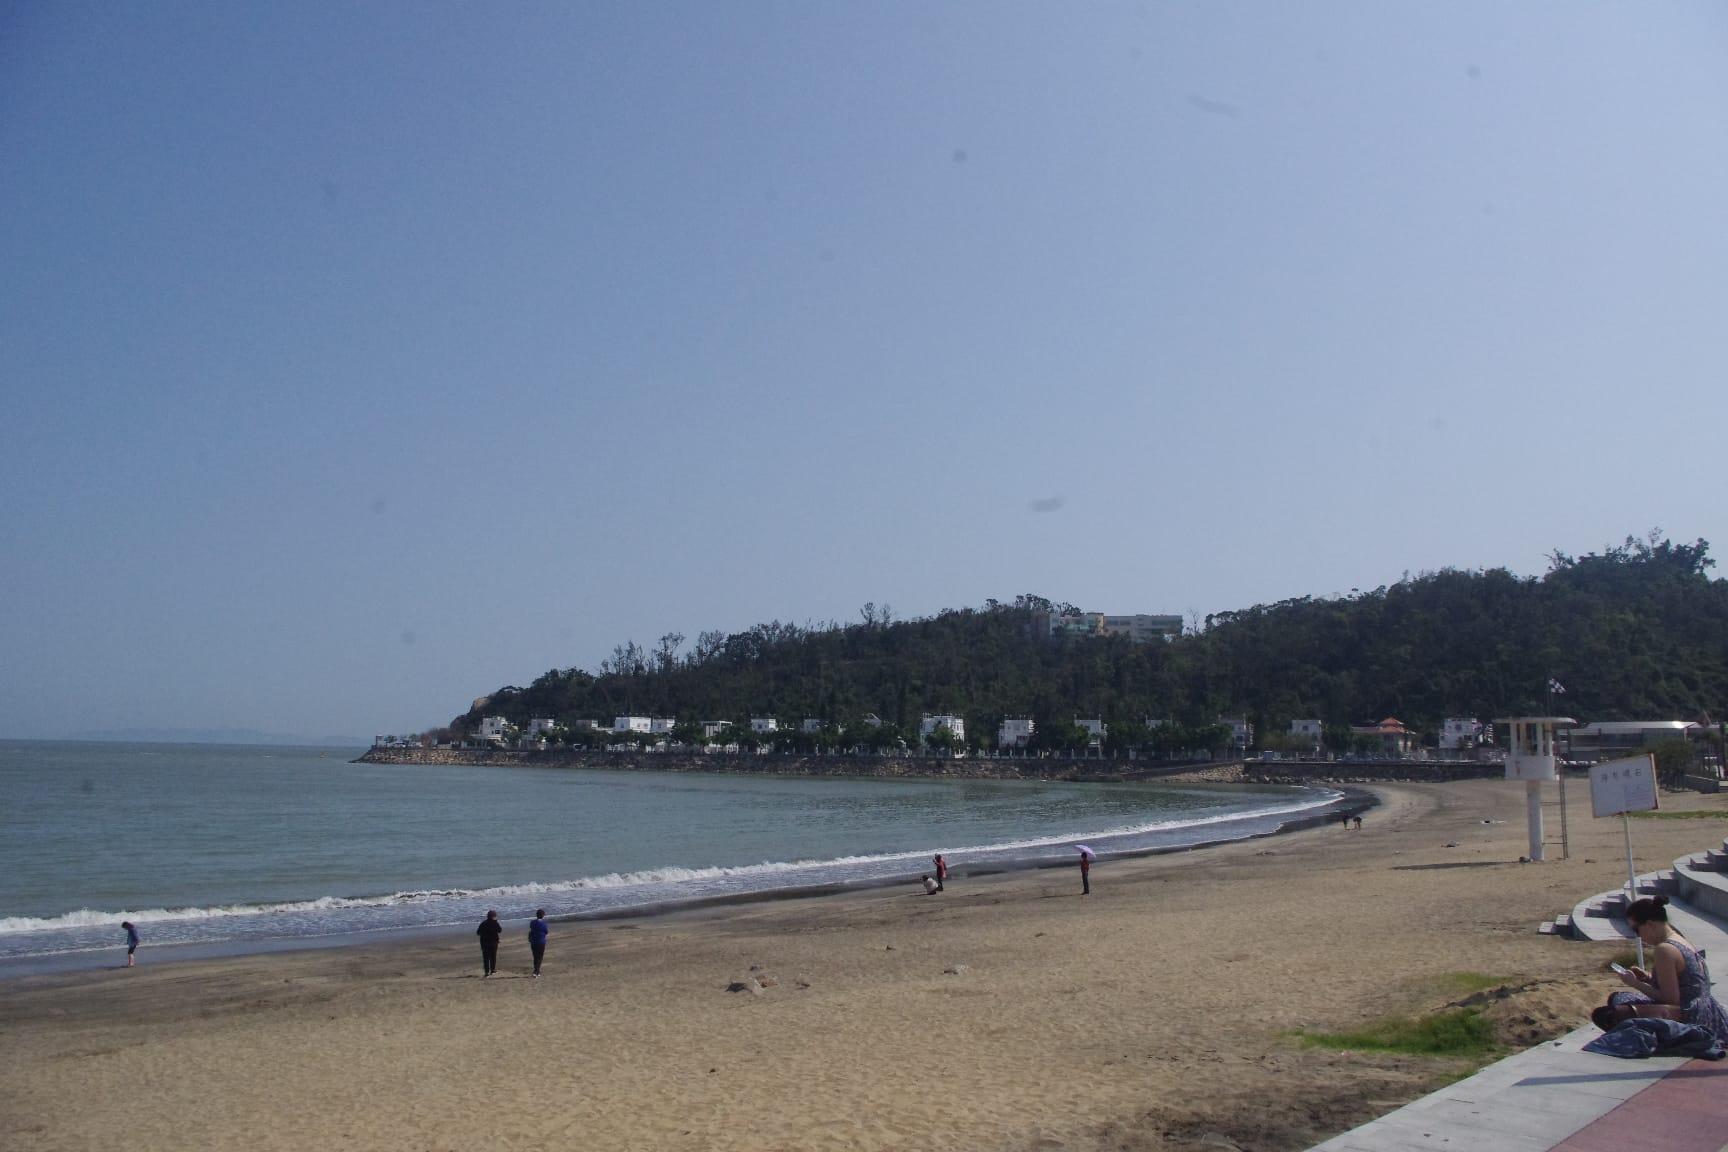 黒沙海岸(ハクサビーチ):マカオの自然リゾートの観光スポット